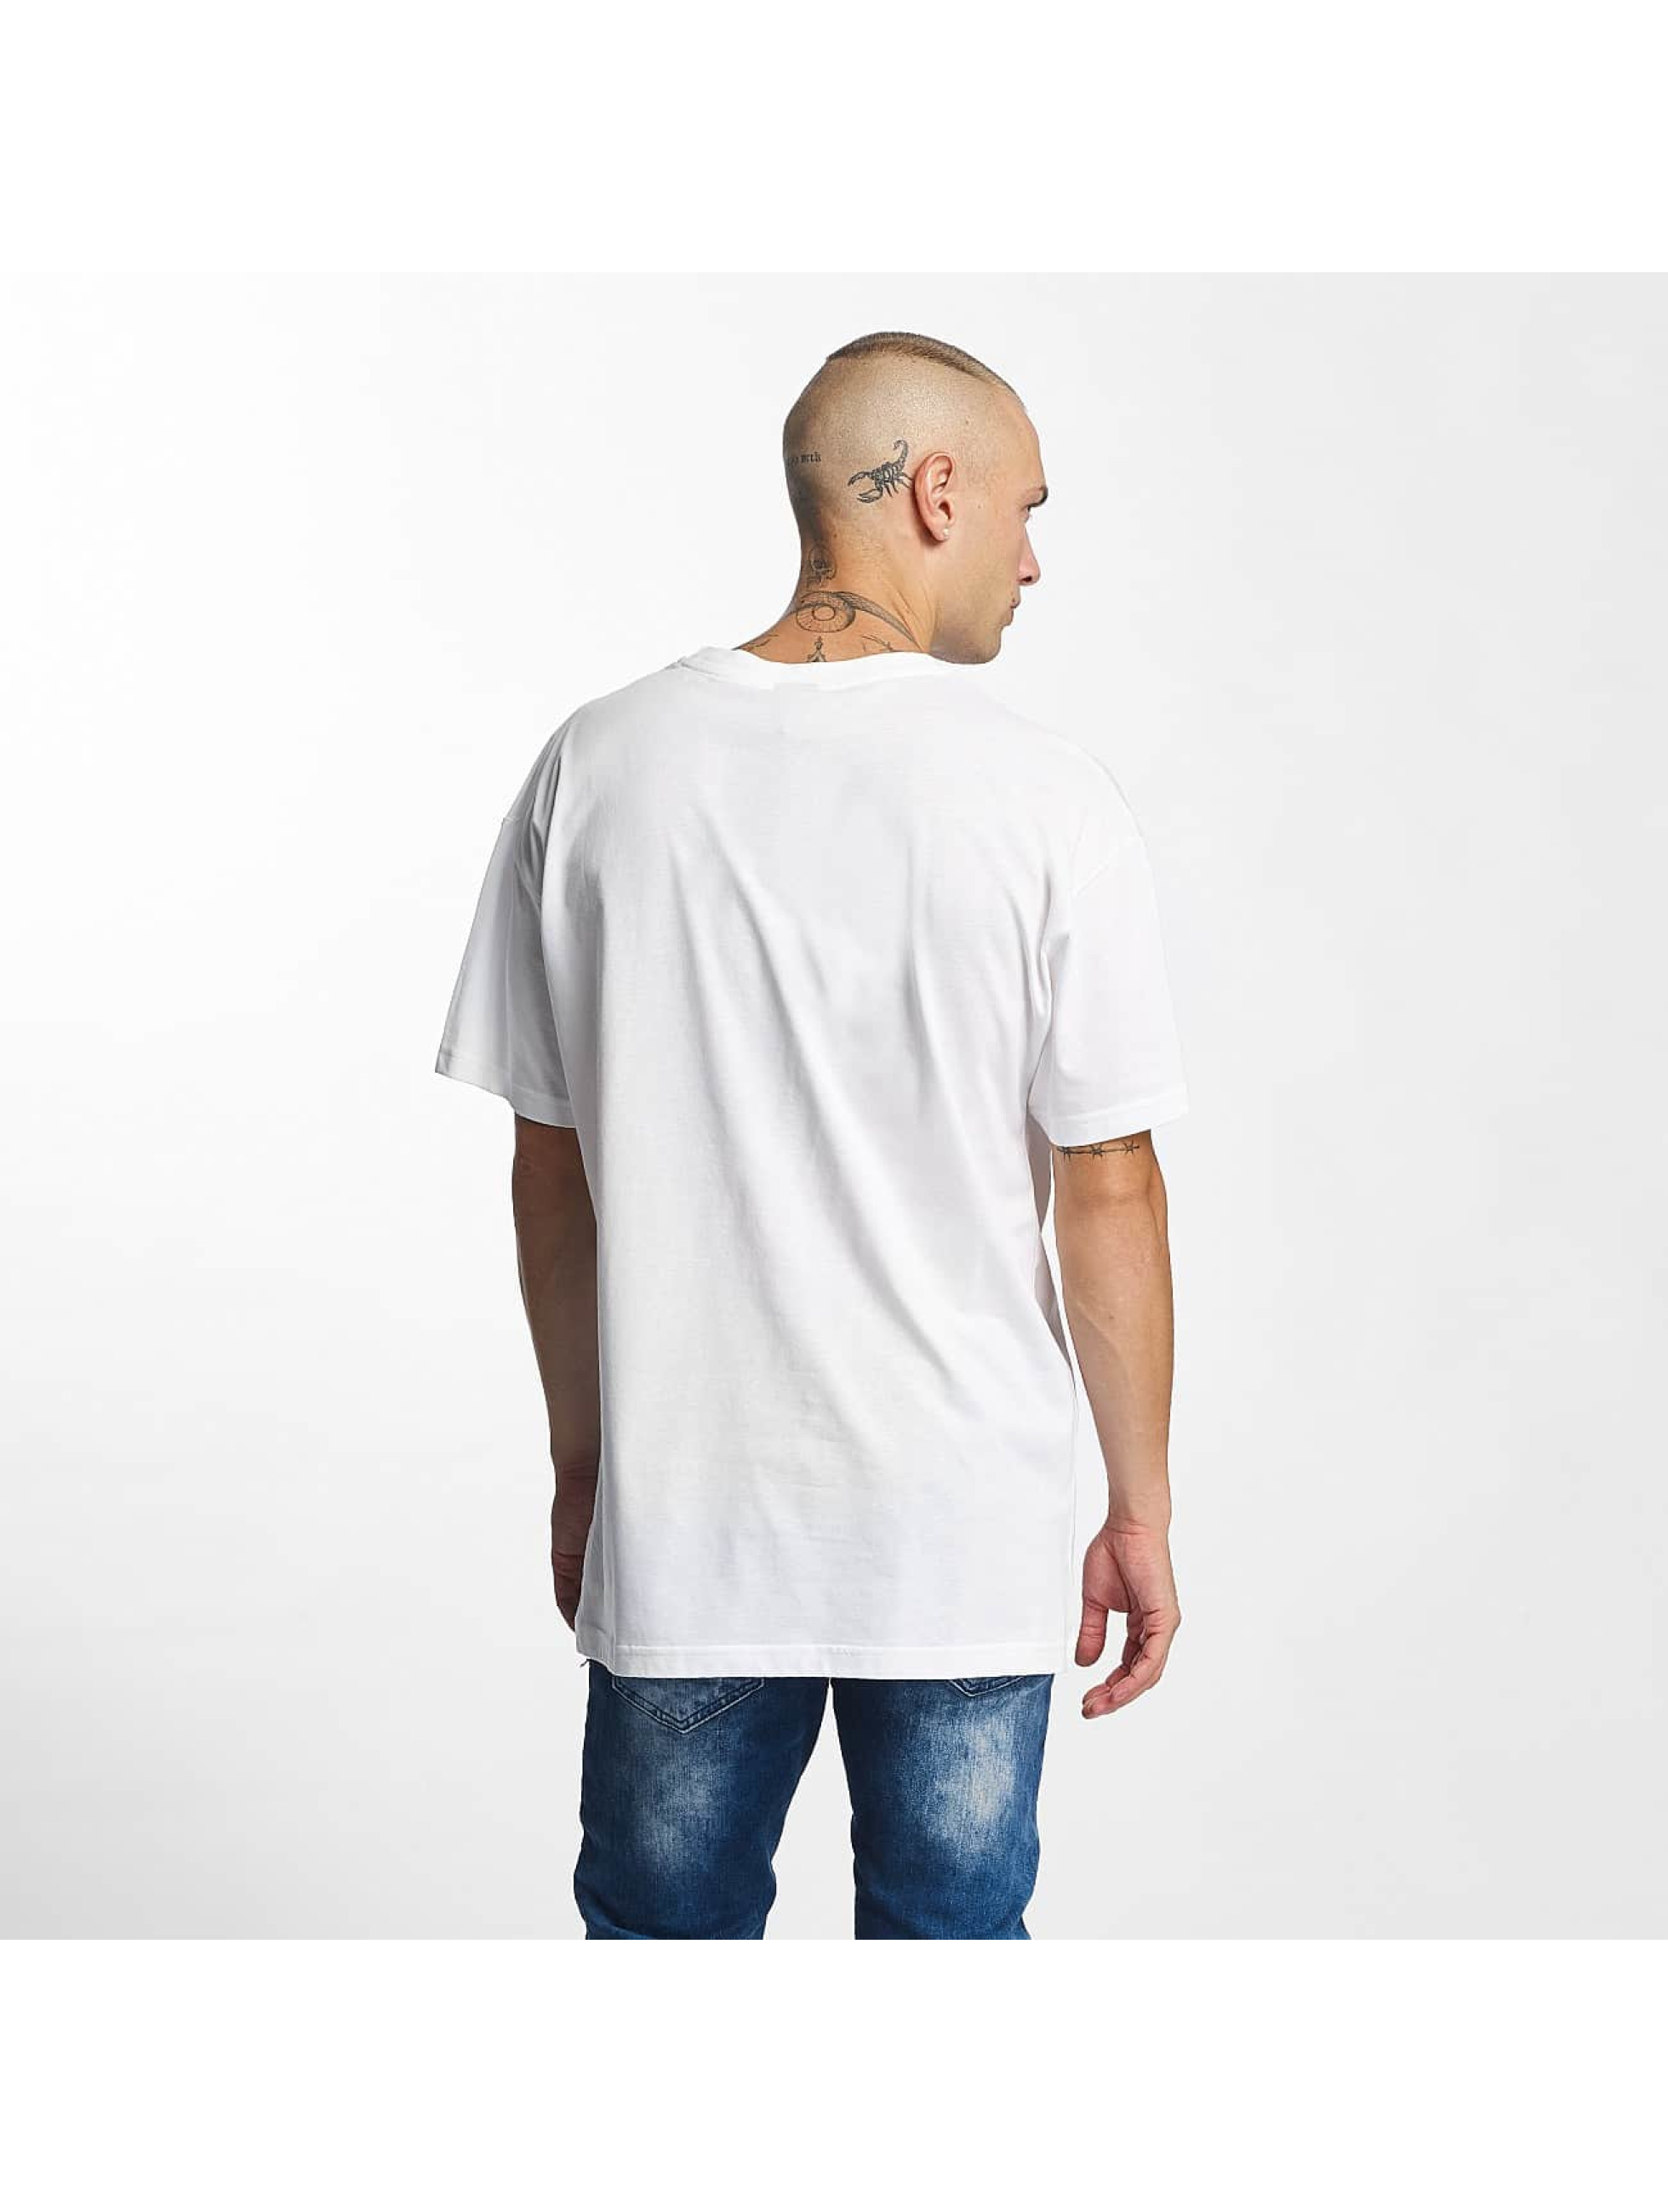 K1X T-Shirt Crest white